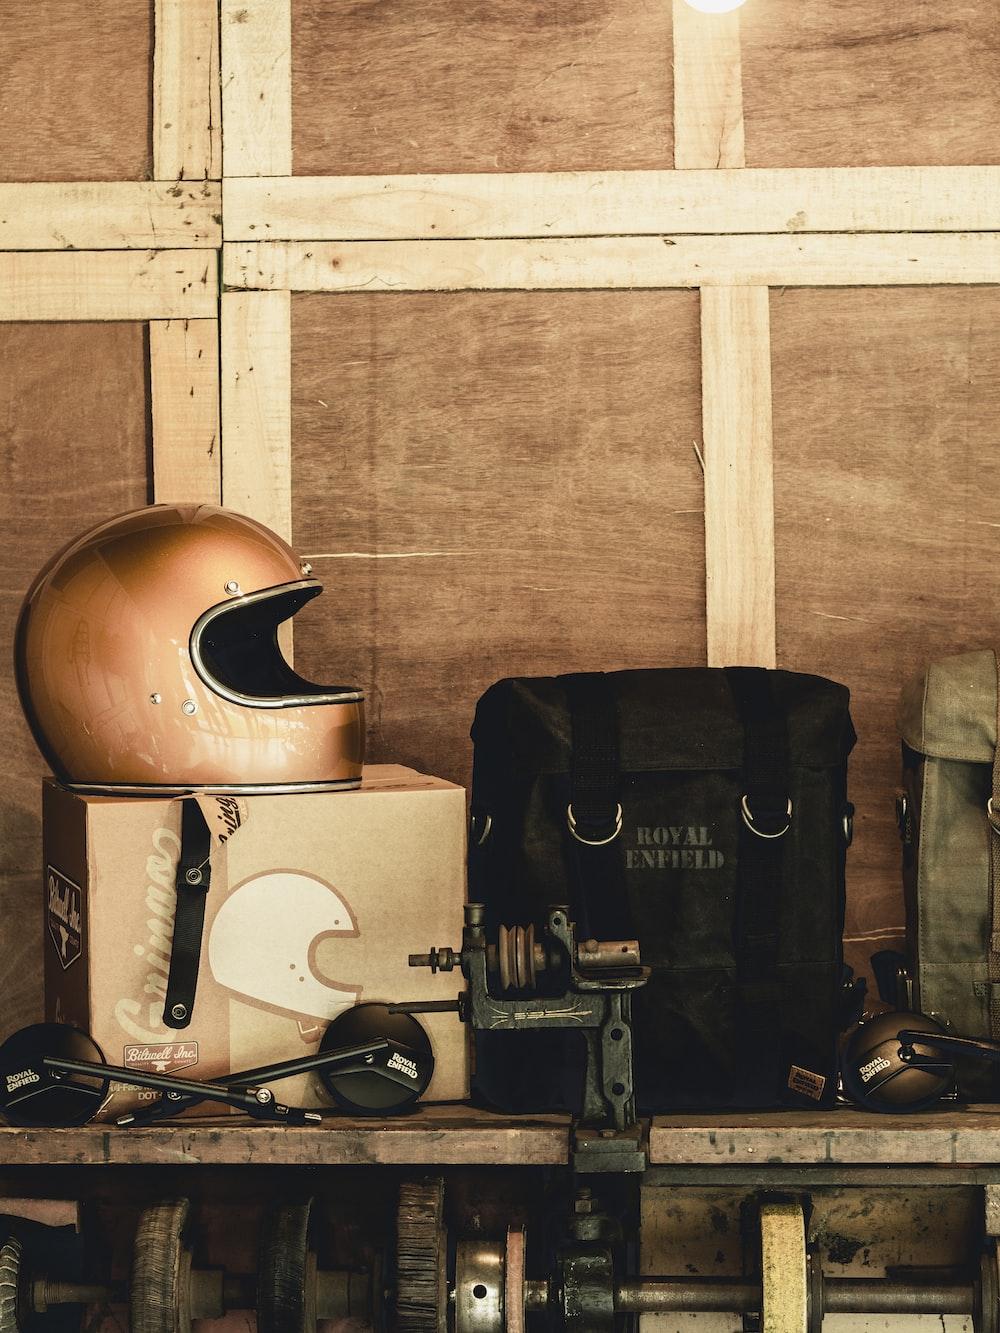 brown helmet on box